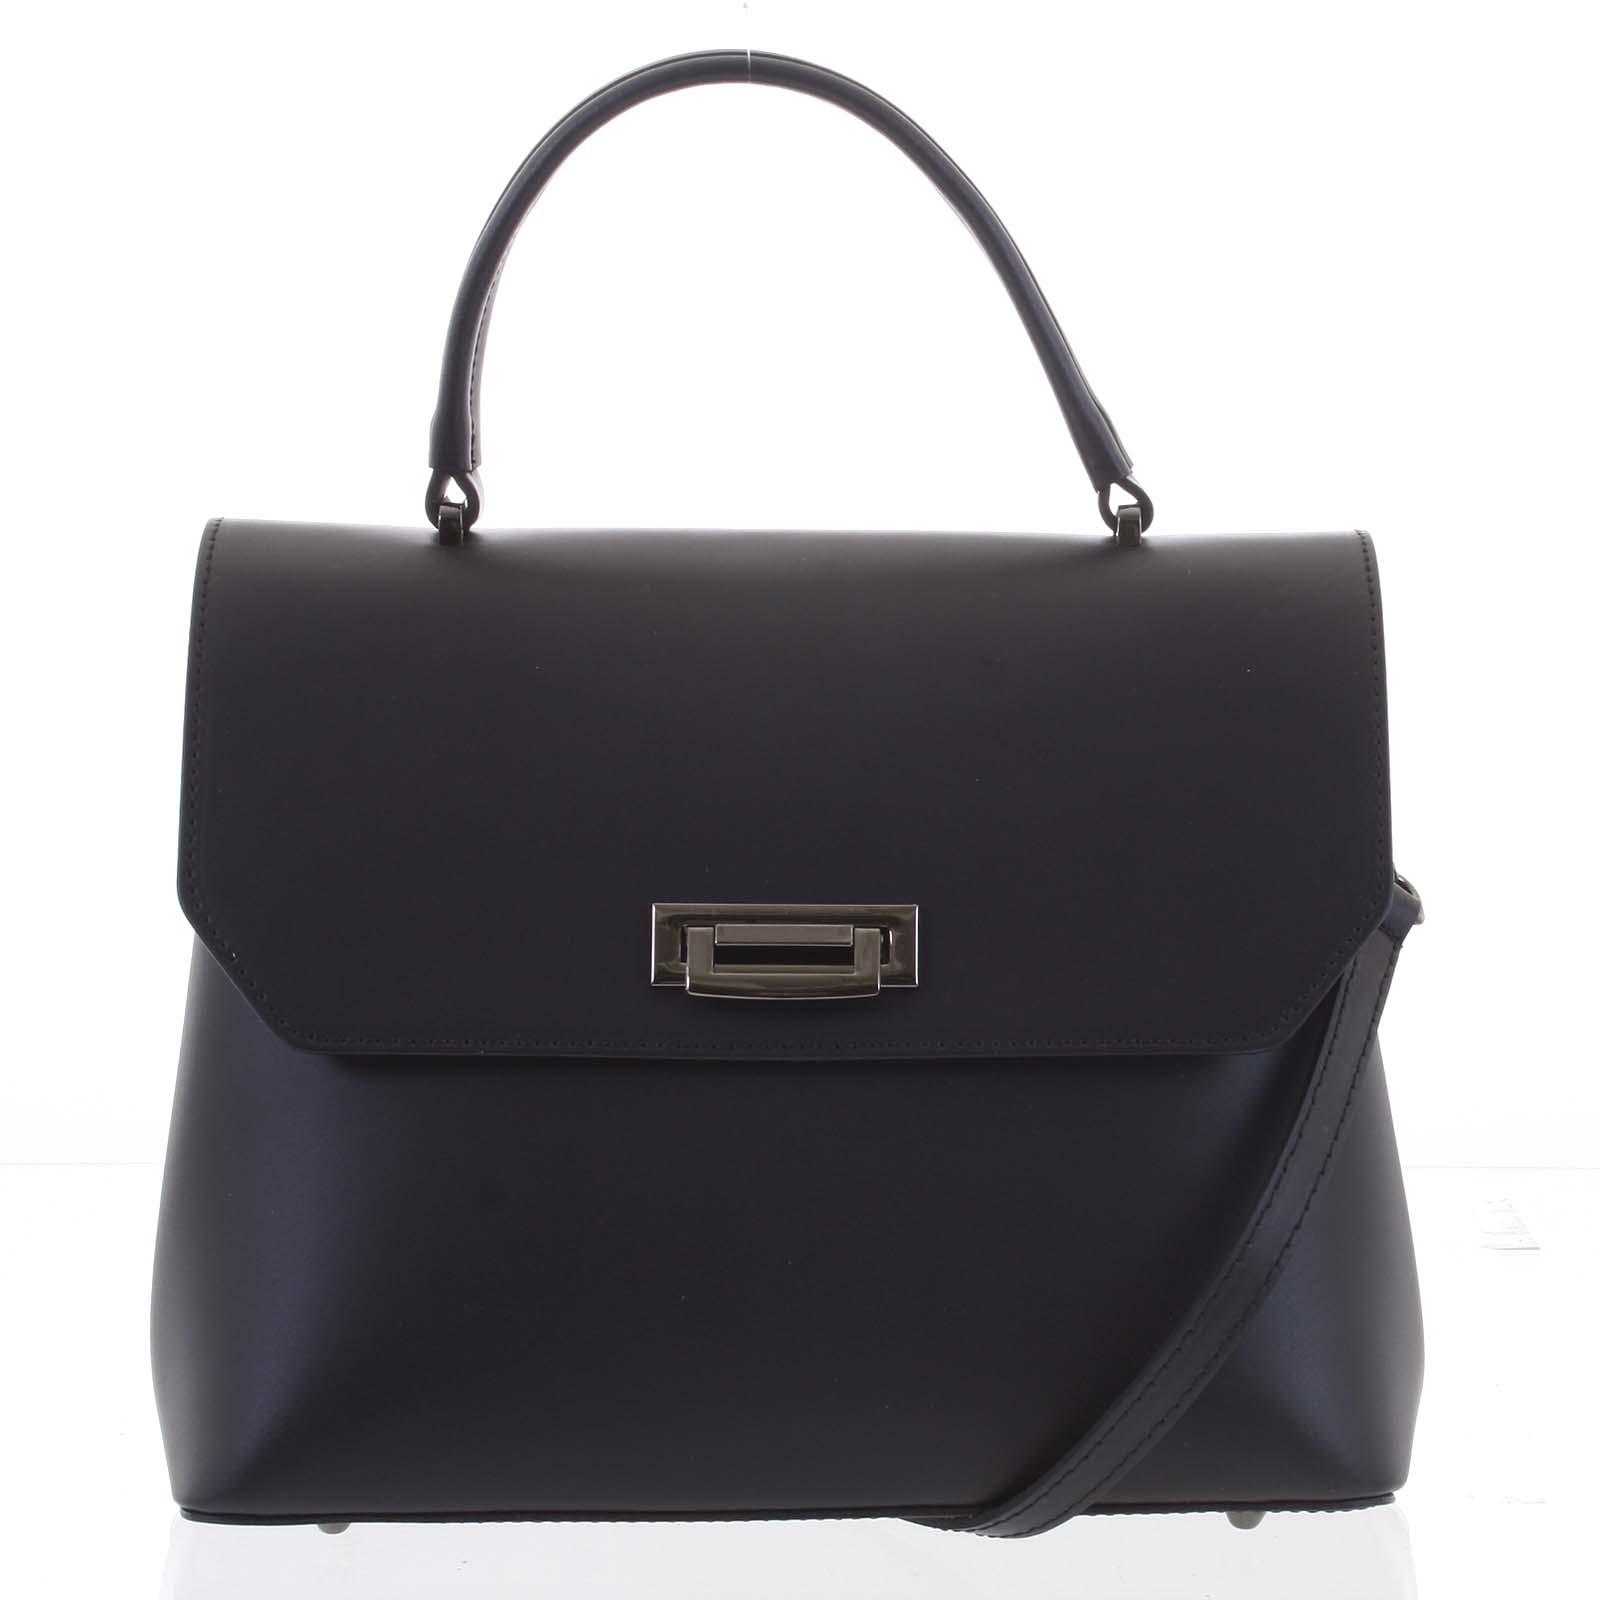 Originální hladká černá dámská kabelka do ruky - ItalY Neolila